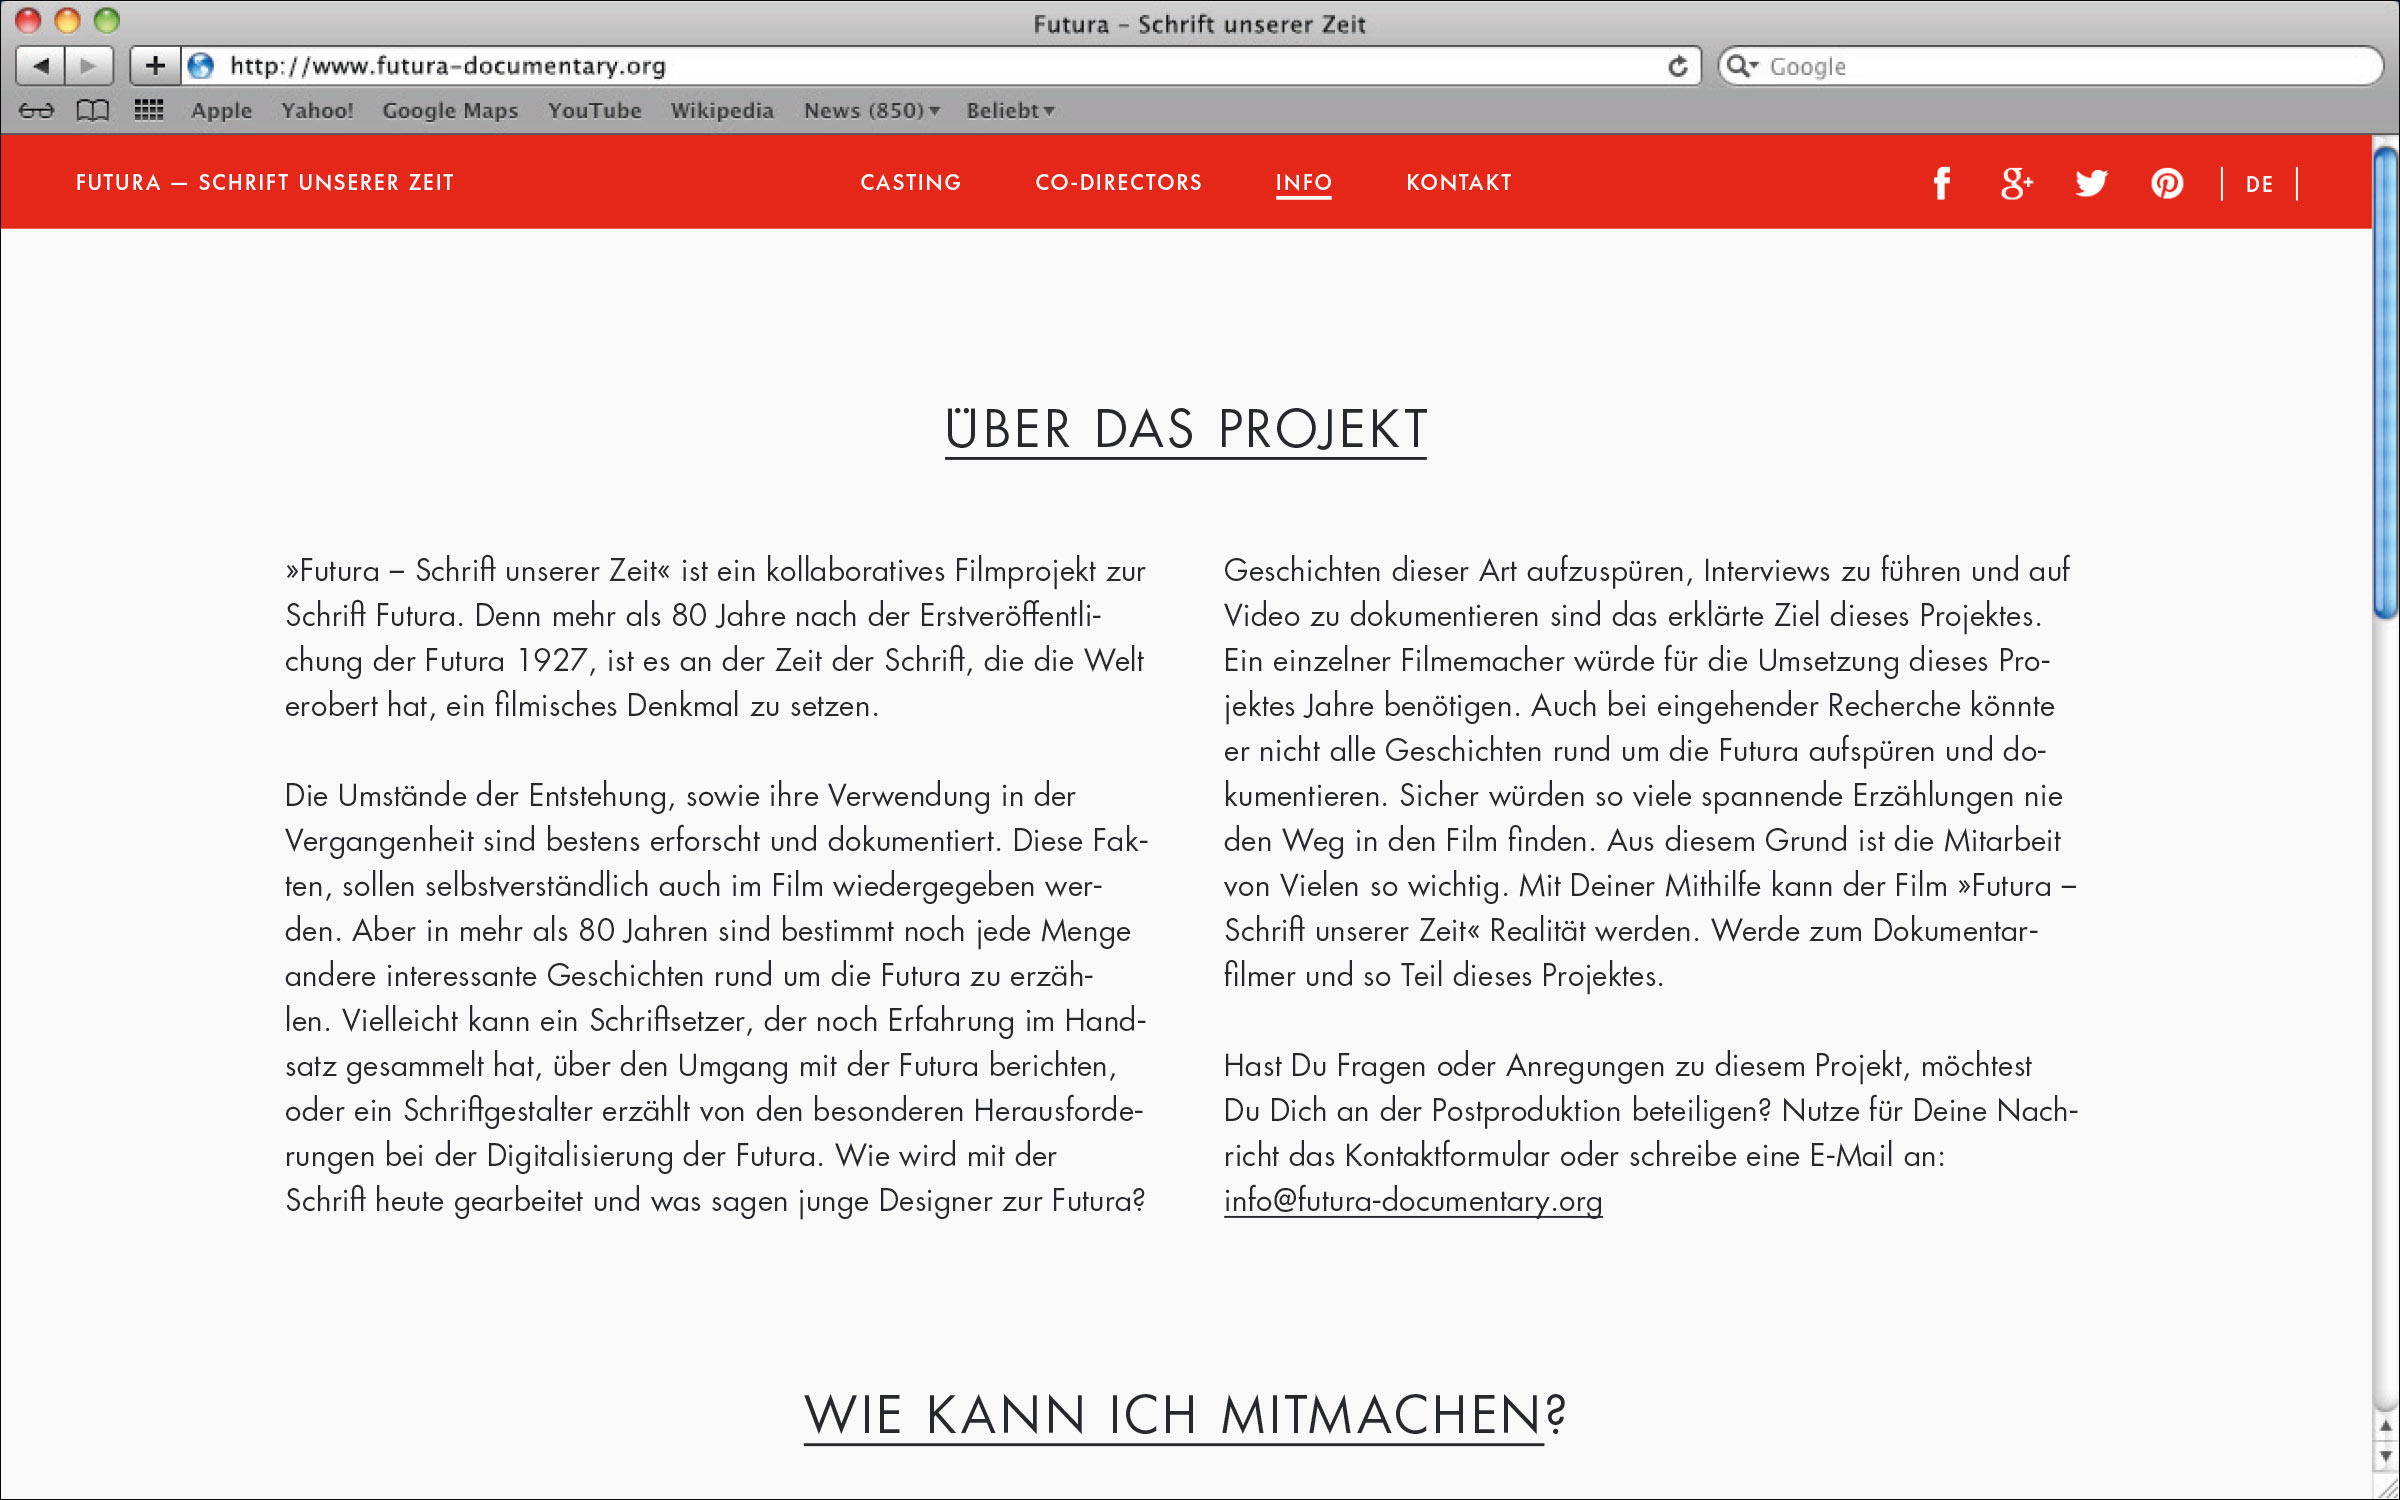 Webseite mit Informationen zum Projekt © Christian Weber – Büro für Gestaltung und Kommunikation